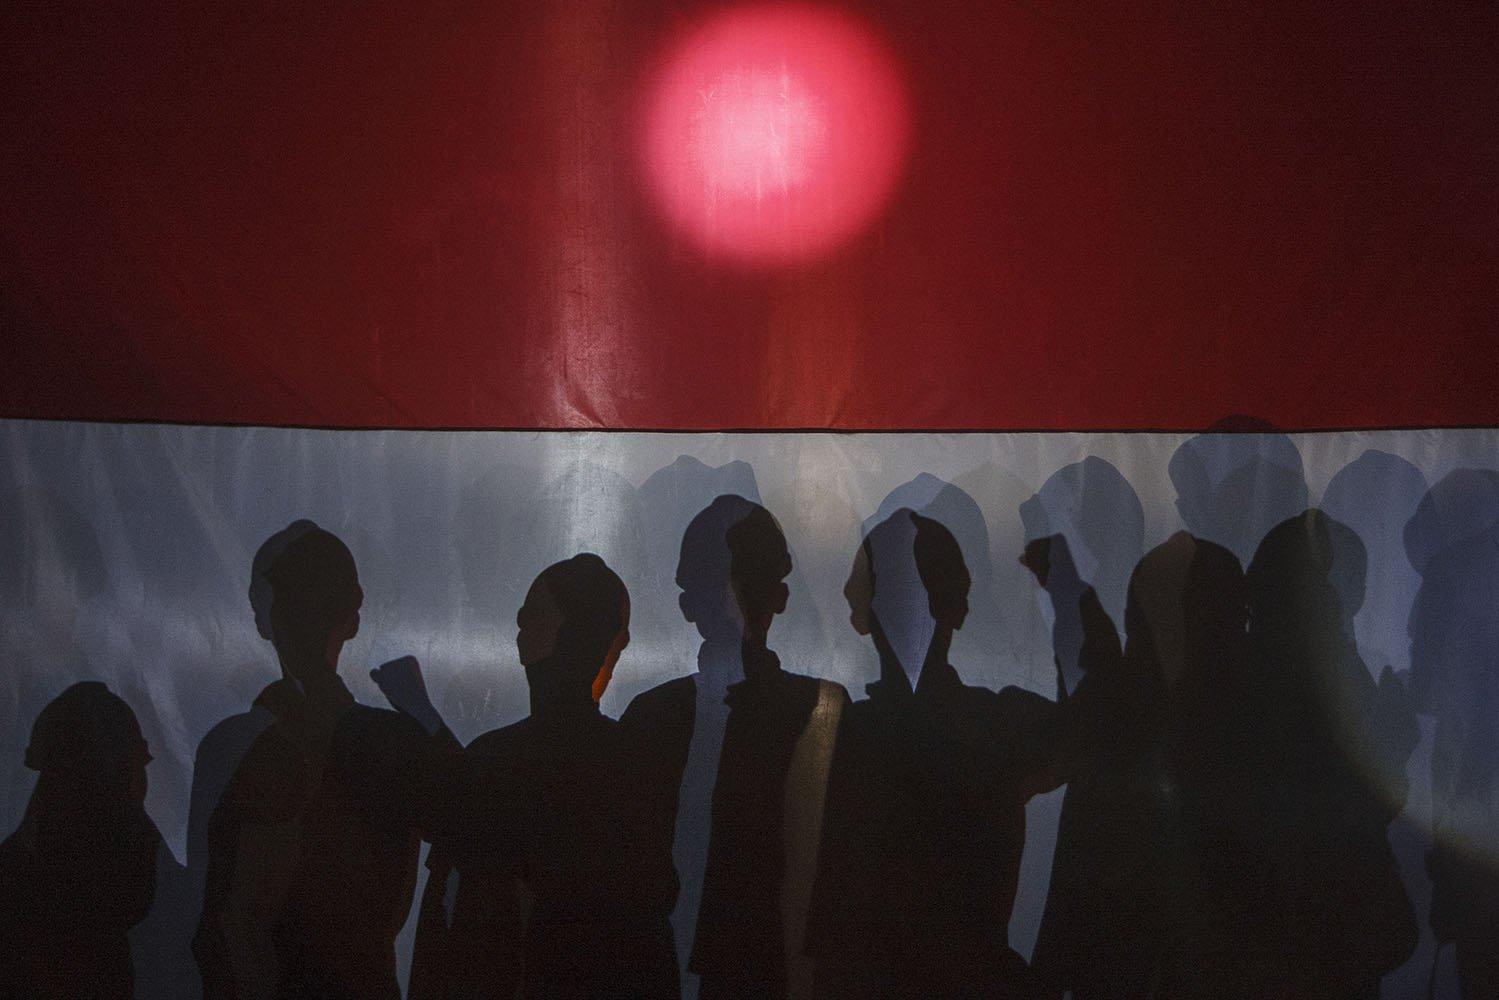 Peserta mengikuti upacara bendera di dalam Gua Jlamrong, Desa Ngeposari, Semanu, Gunungkidul, DI Yogyakarta, Kamis (17/8). Kegiatan yang diikuti warga dan penggiat alam bebas tersebut untuk memperingati HUT ke-72 RI.